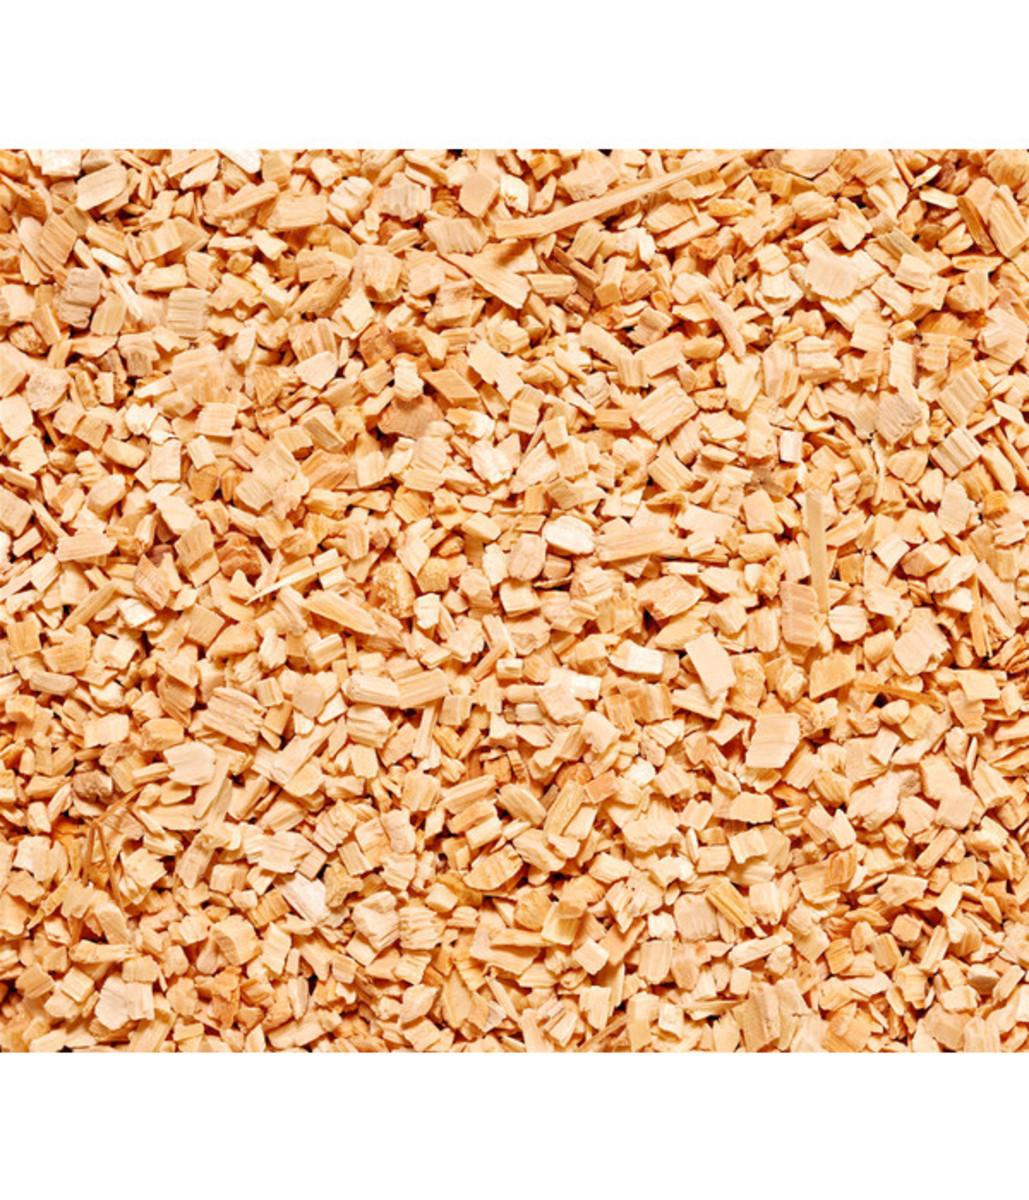 Bild 2 von Einstreu Chipsi Extra Soft, 3 x 8 kg